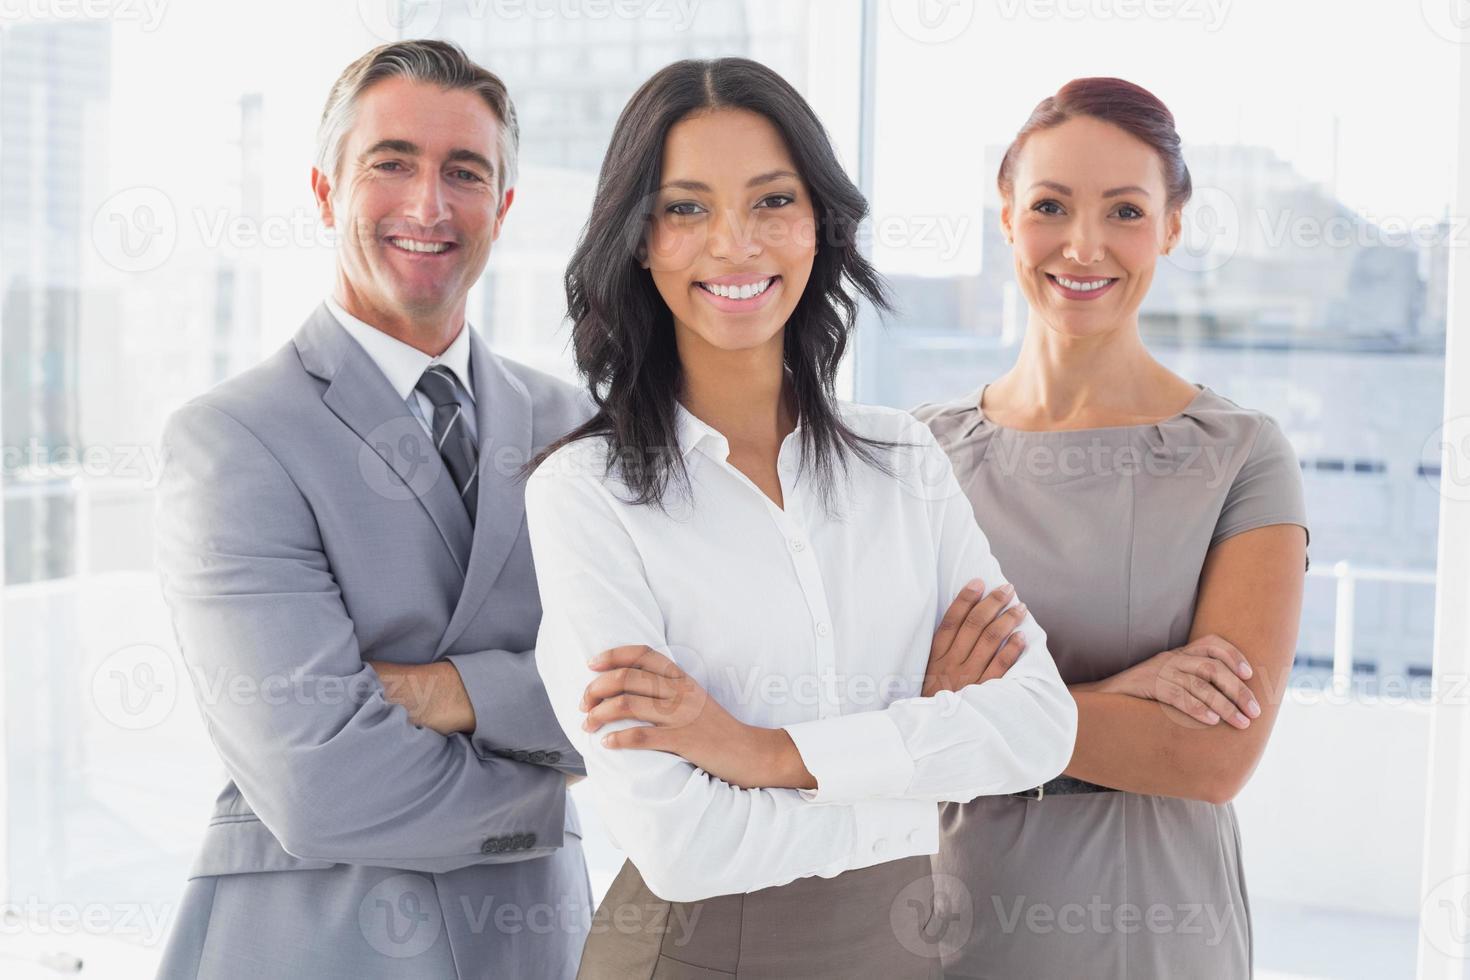 Geschäftsfrau lächelt mit verschränkten Armen foto